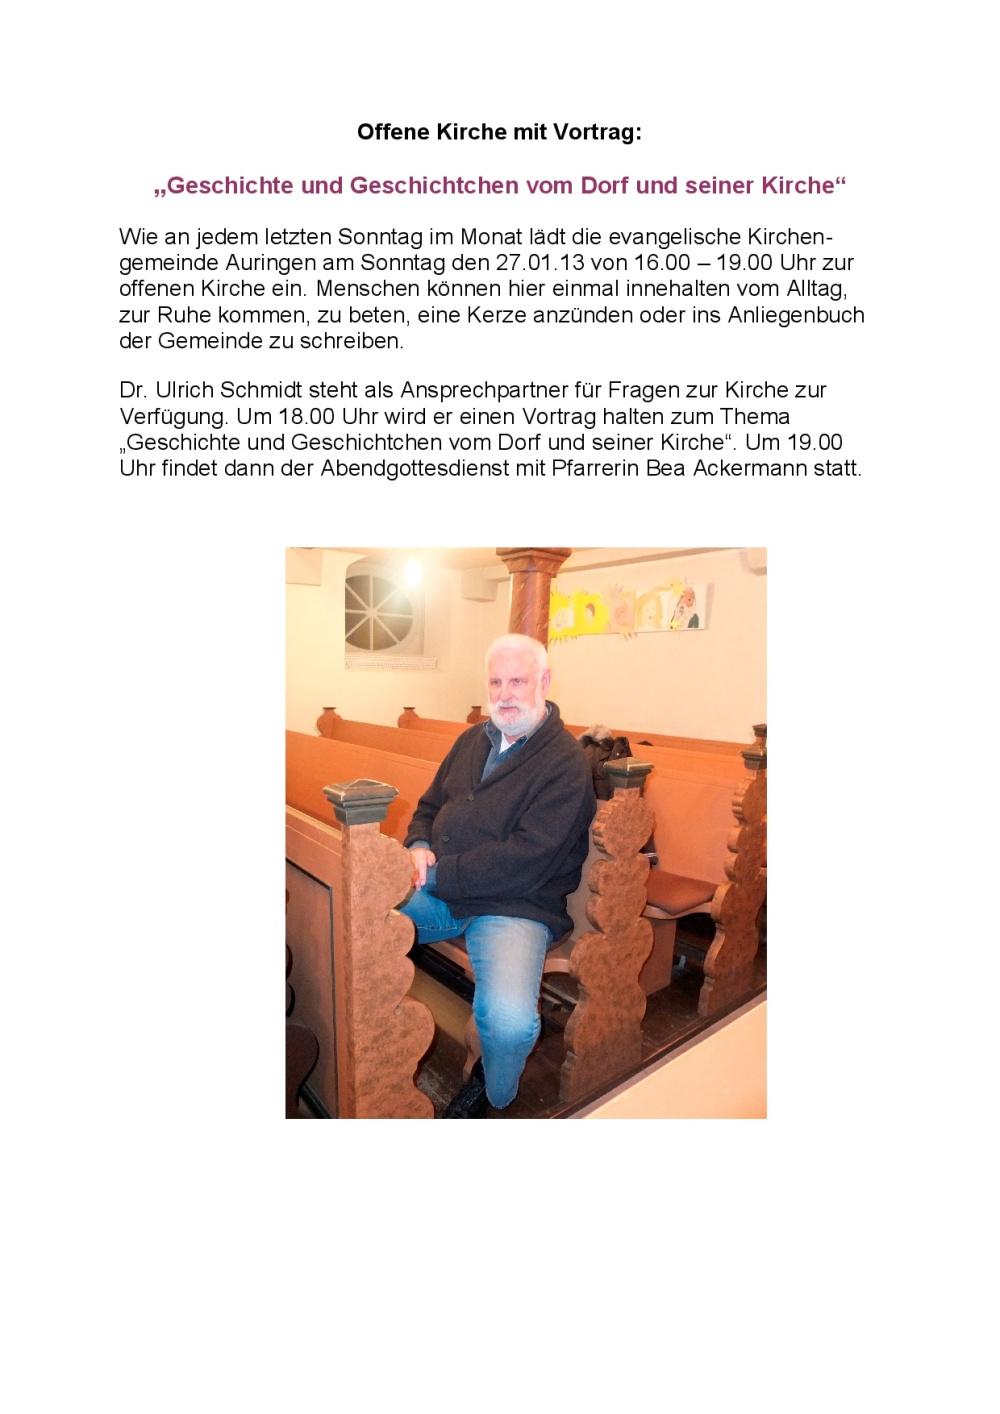 04-Offene Kirche mit Vortrag 27.01.13-001